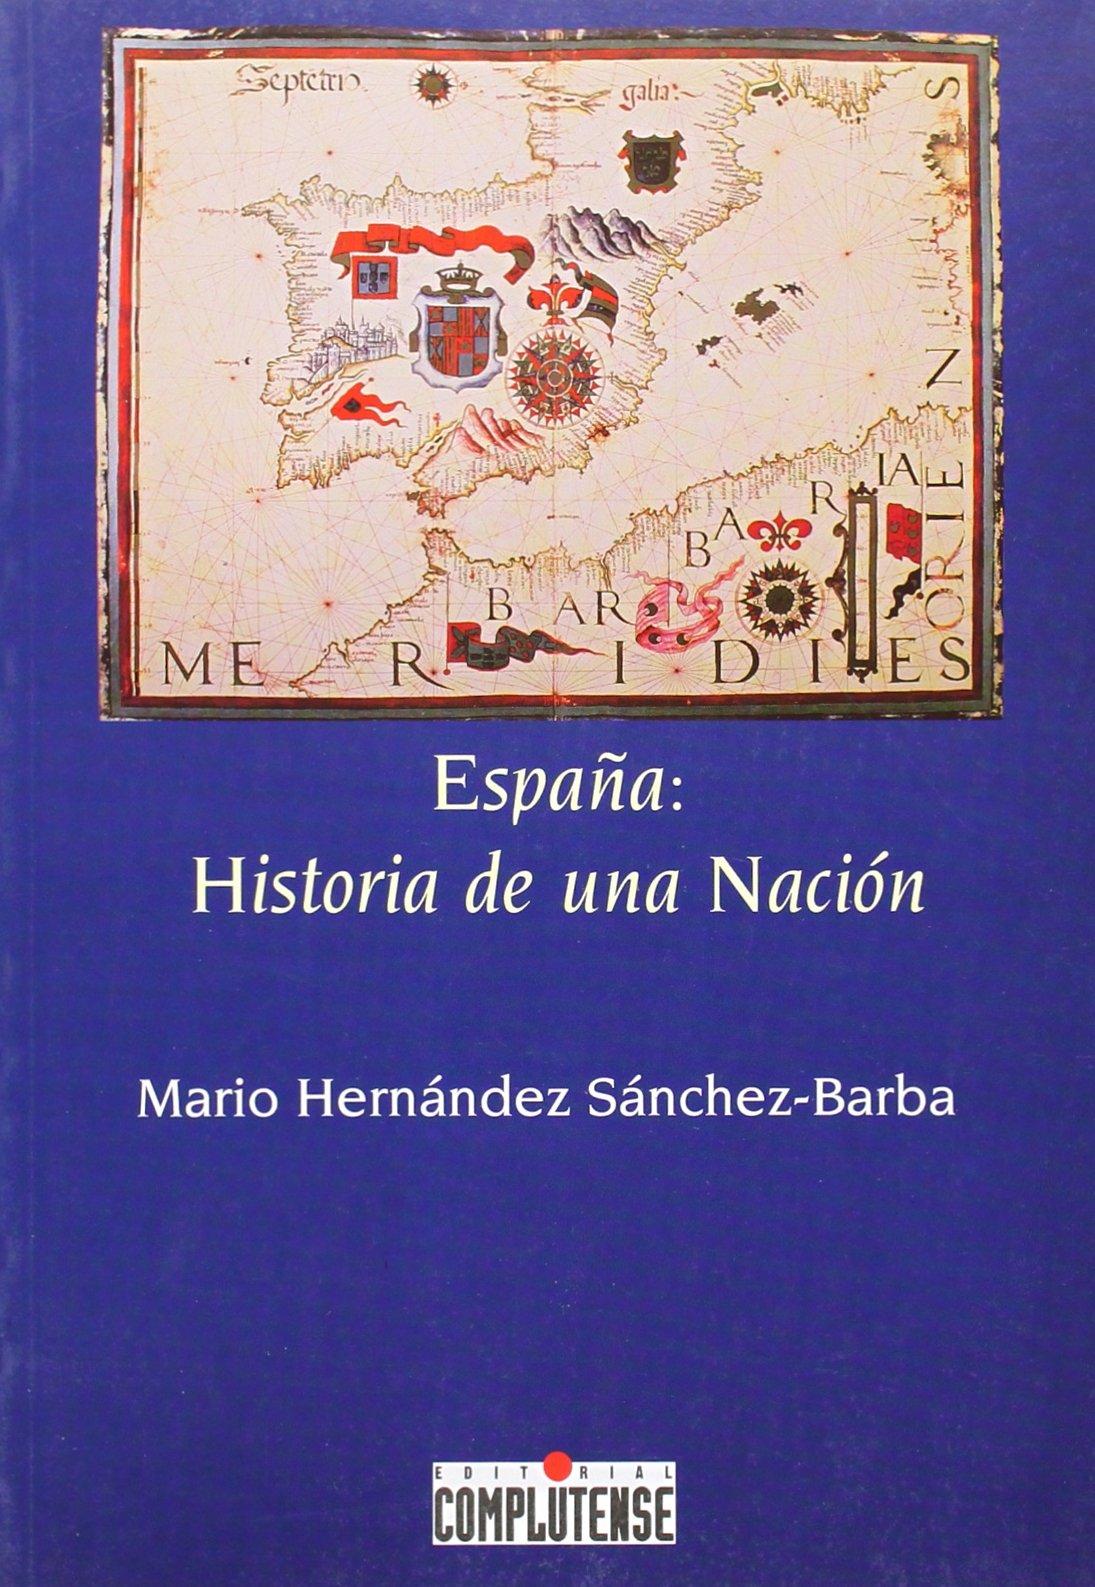 España: Historia de una nación (sin colección): Amazon.es: Hernández Sánchez-Barba, Mario: Libros